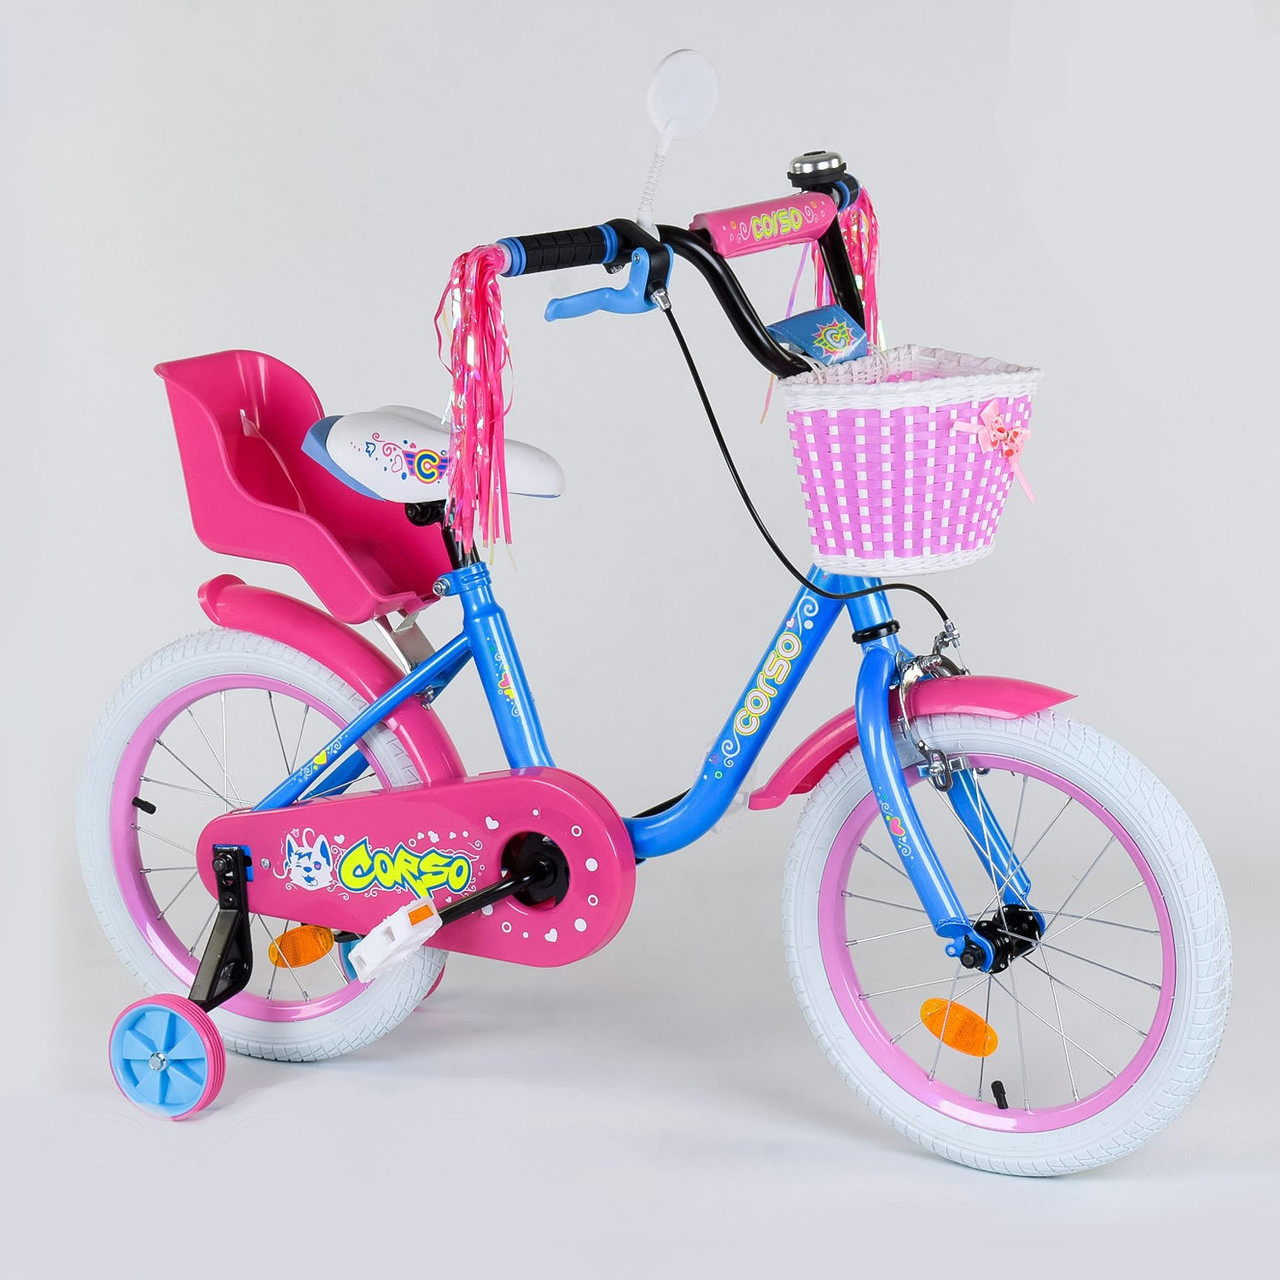 """Велосипед 16"""" дюймов 2-х колёсный 1626 """"CORSO"""", новый ручной тормоз, звоночек, кресло для куклы, корзинка, доп"""